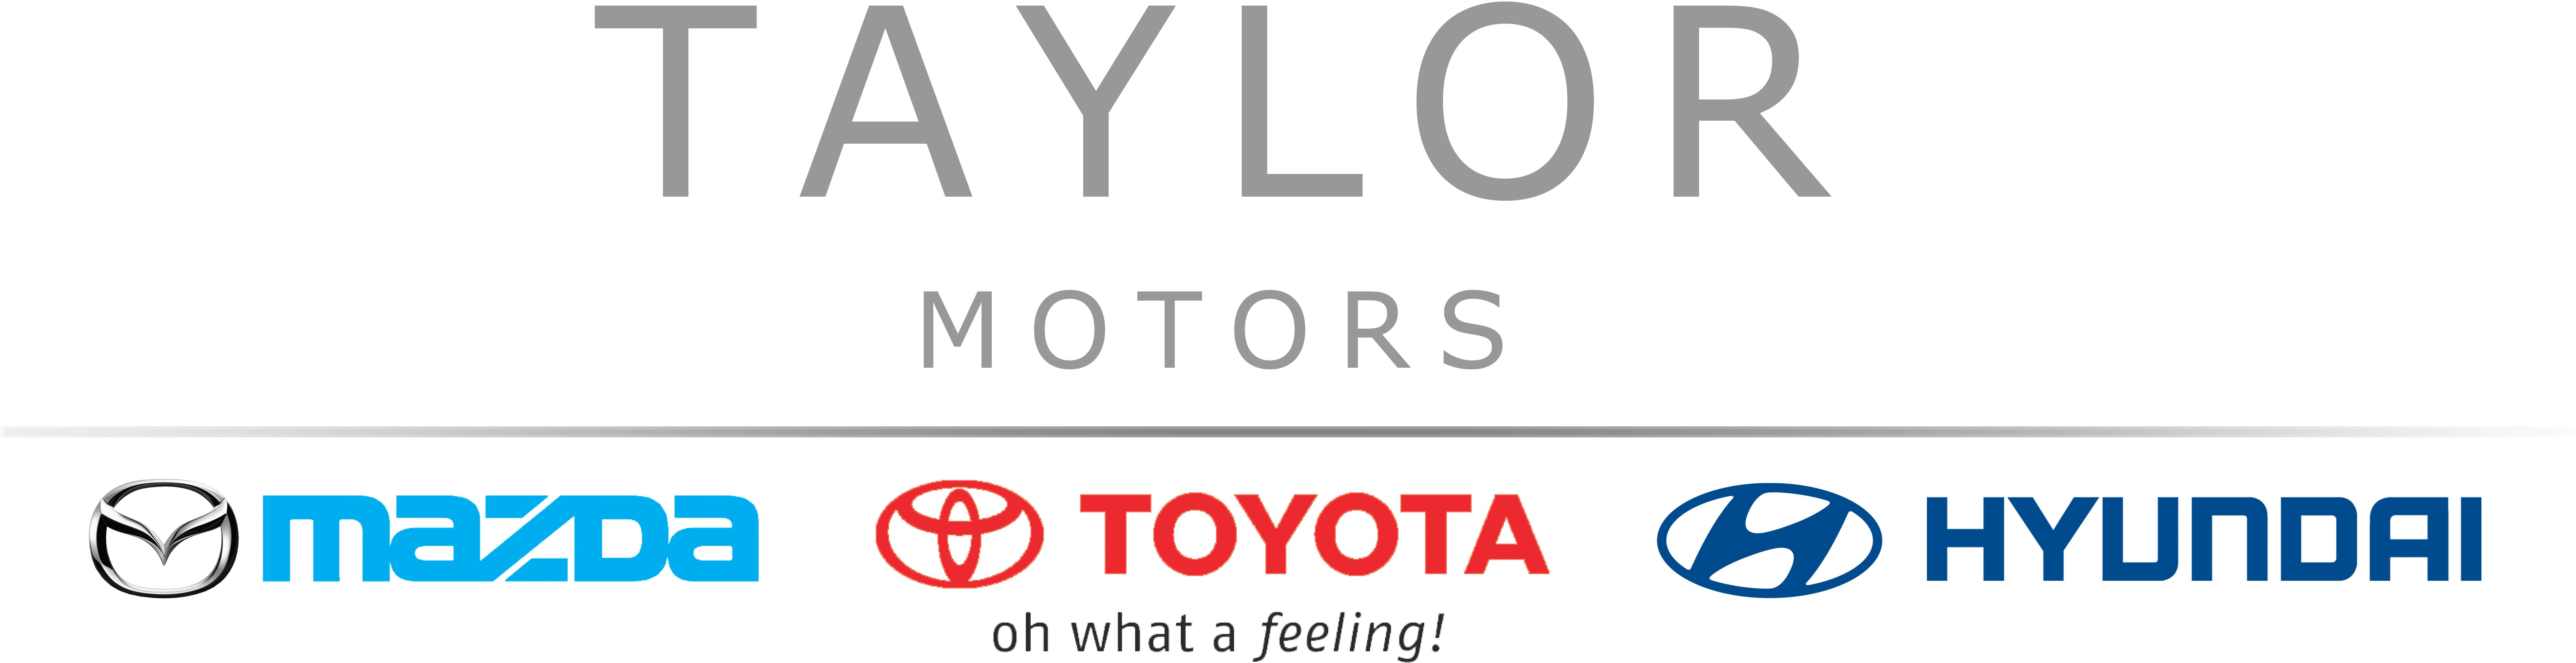 Taylor Motors